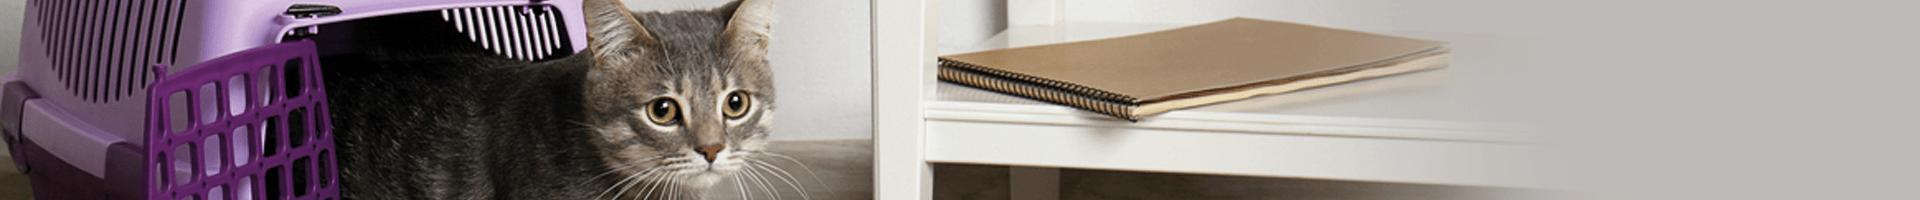 katzen im urlaub in die katzenpension. Black Bedroom Furniture Sets. Home Design Ideas